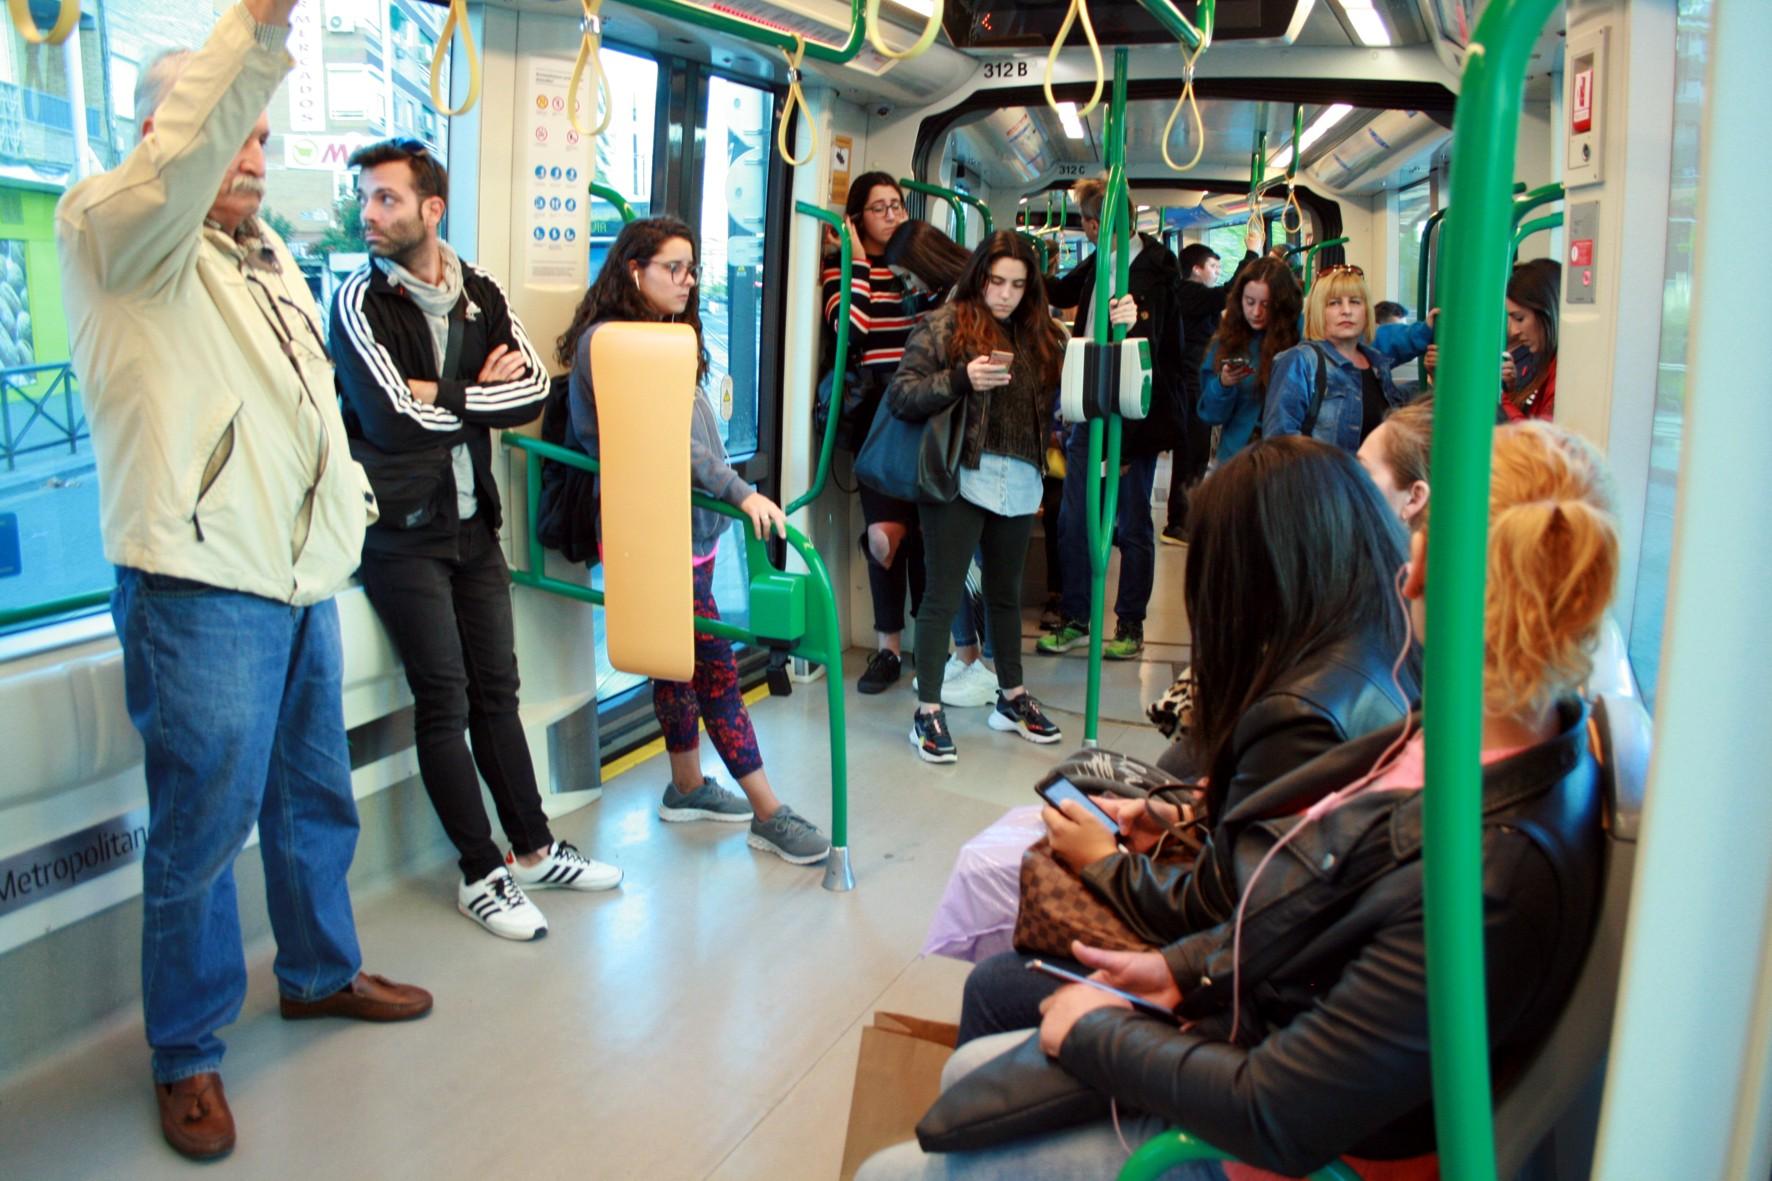 El metro reduce su frecuencia de paso y experimenta un 89% menos de demanda con respecto a 2019